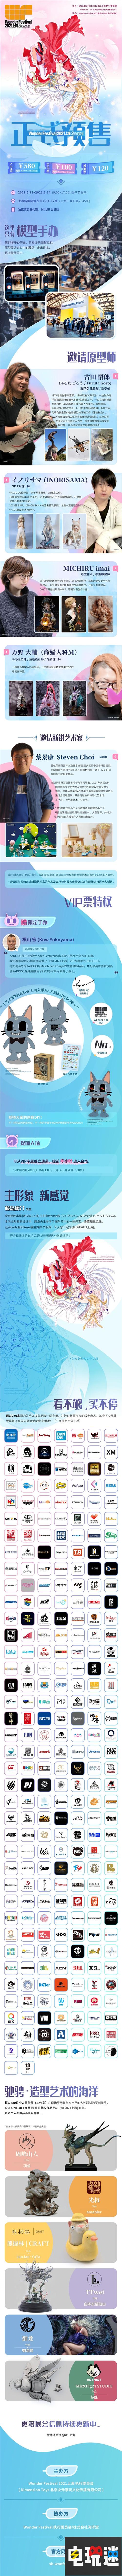 [WF2021上海]票务今日正式预售! 模玩 Wonder Festival 2021上海 WF2021 VR及其它  第1张